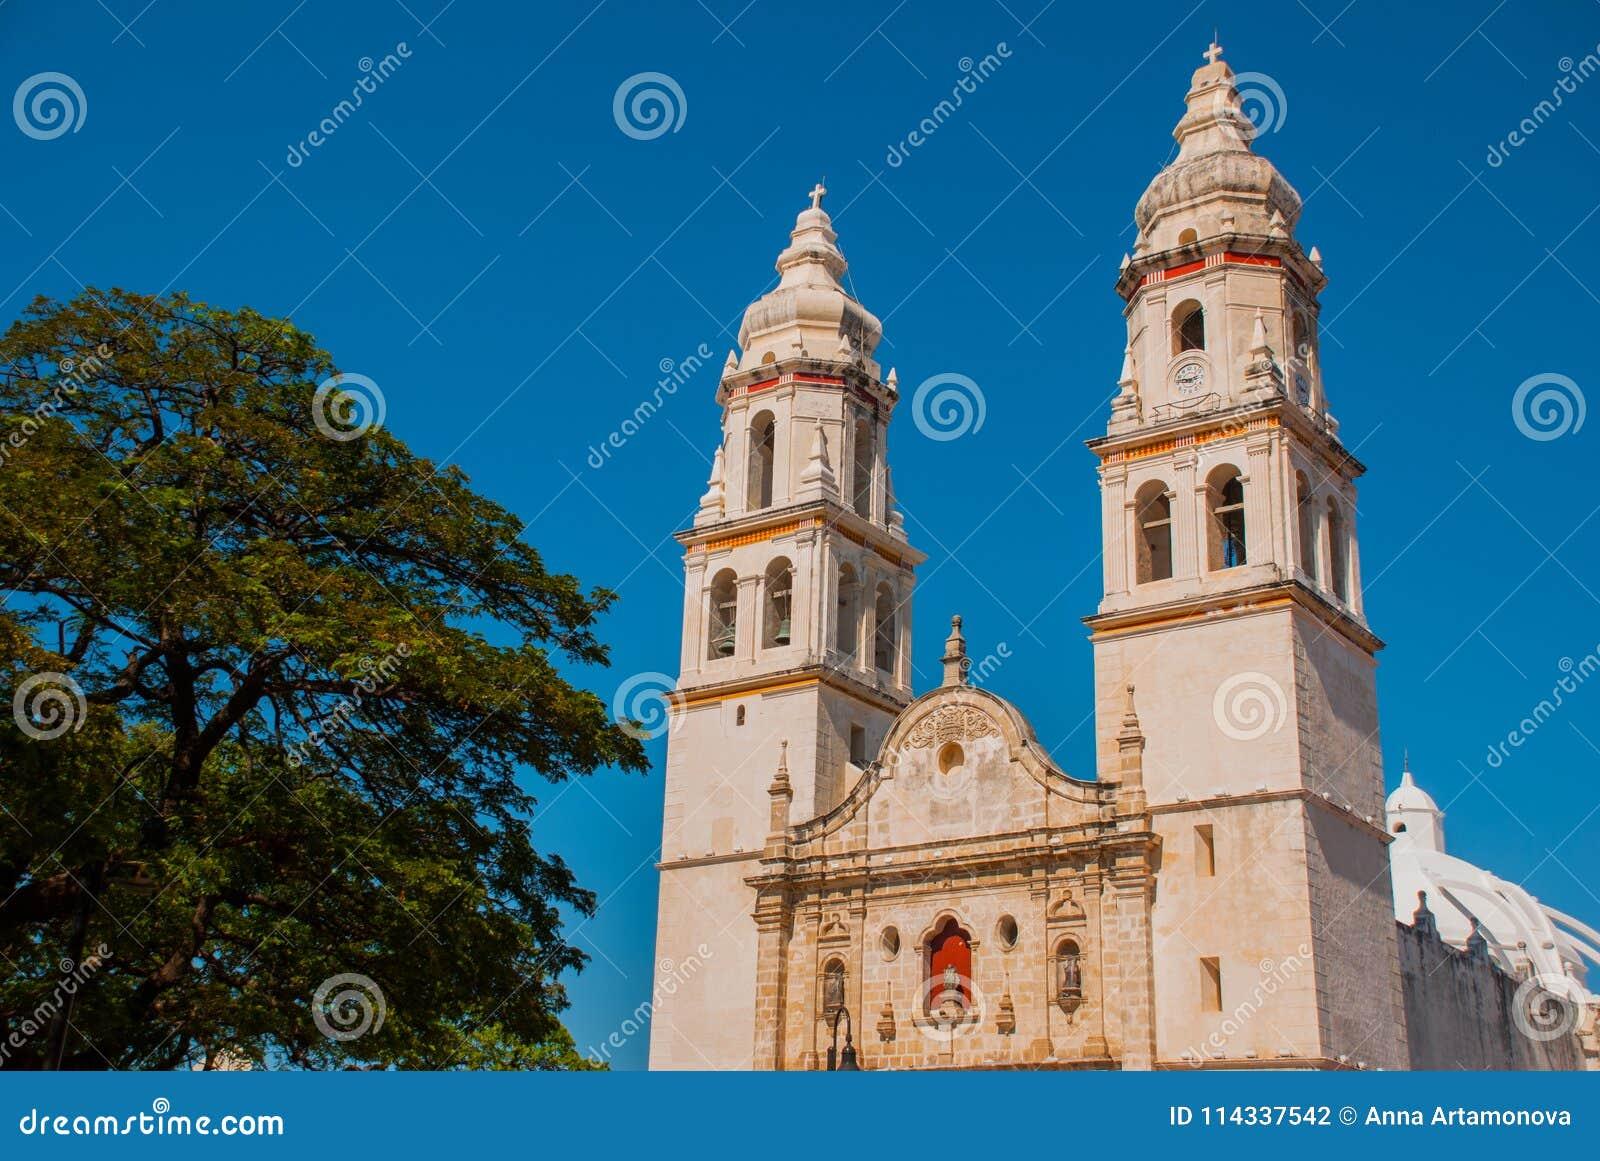 Собор на предпосылке голубого неба Сан-Франциско de Кампече, Мексика